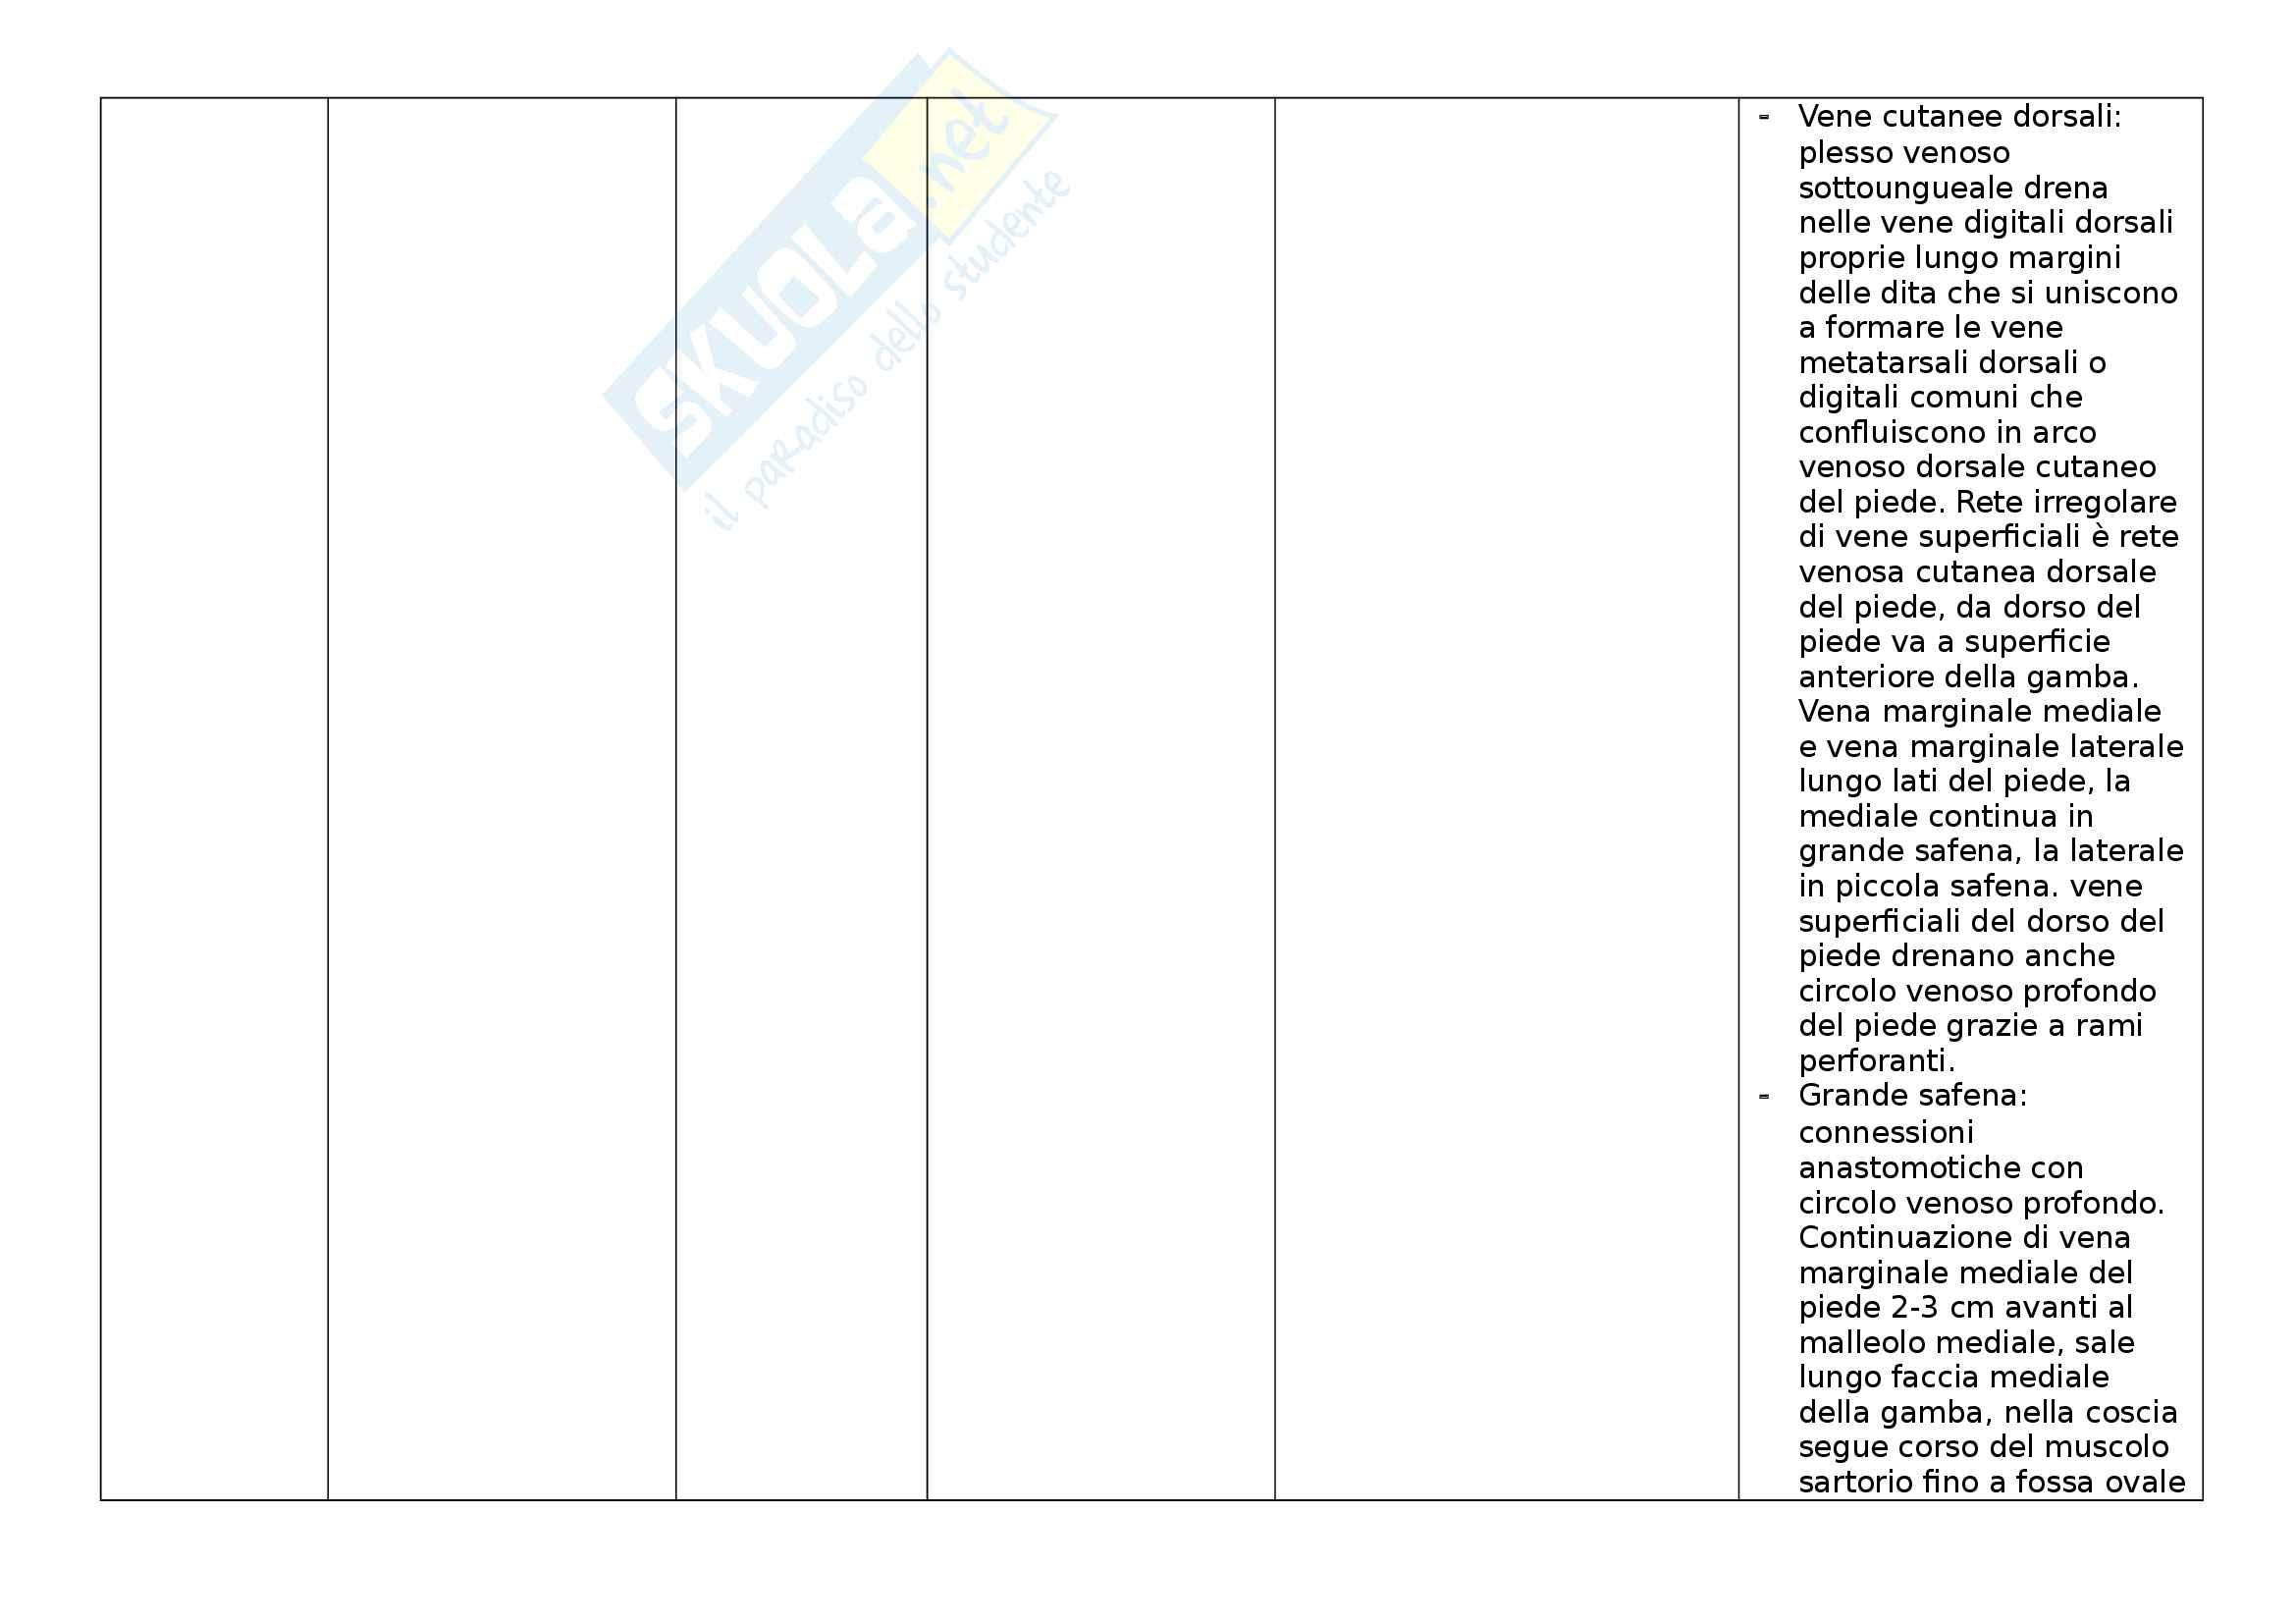 Vene - Tabella delle vene divise per sedi. Indicazione di posizione e caratteristiche Pag. 31